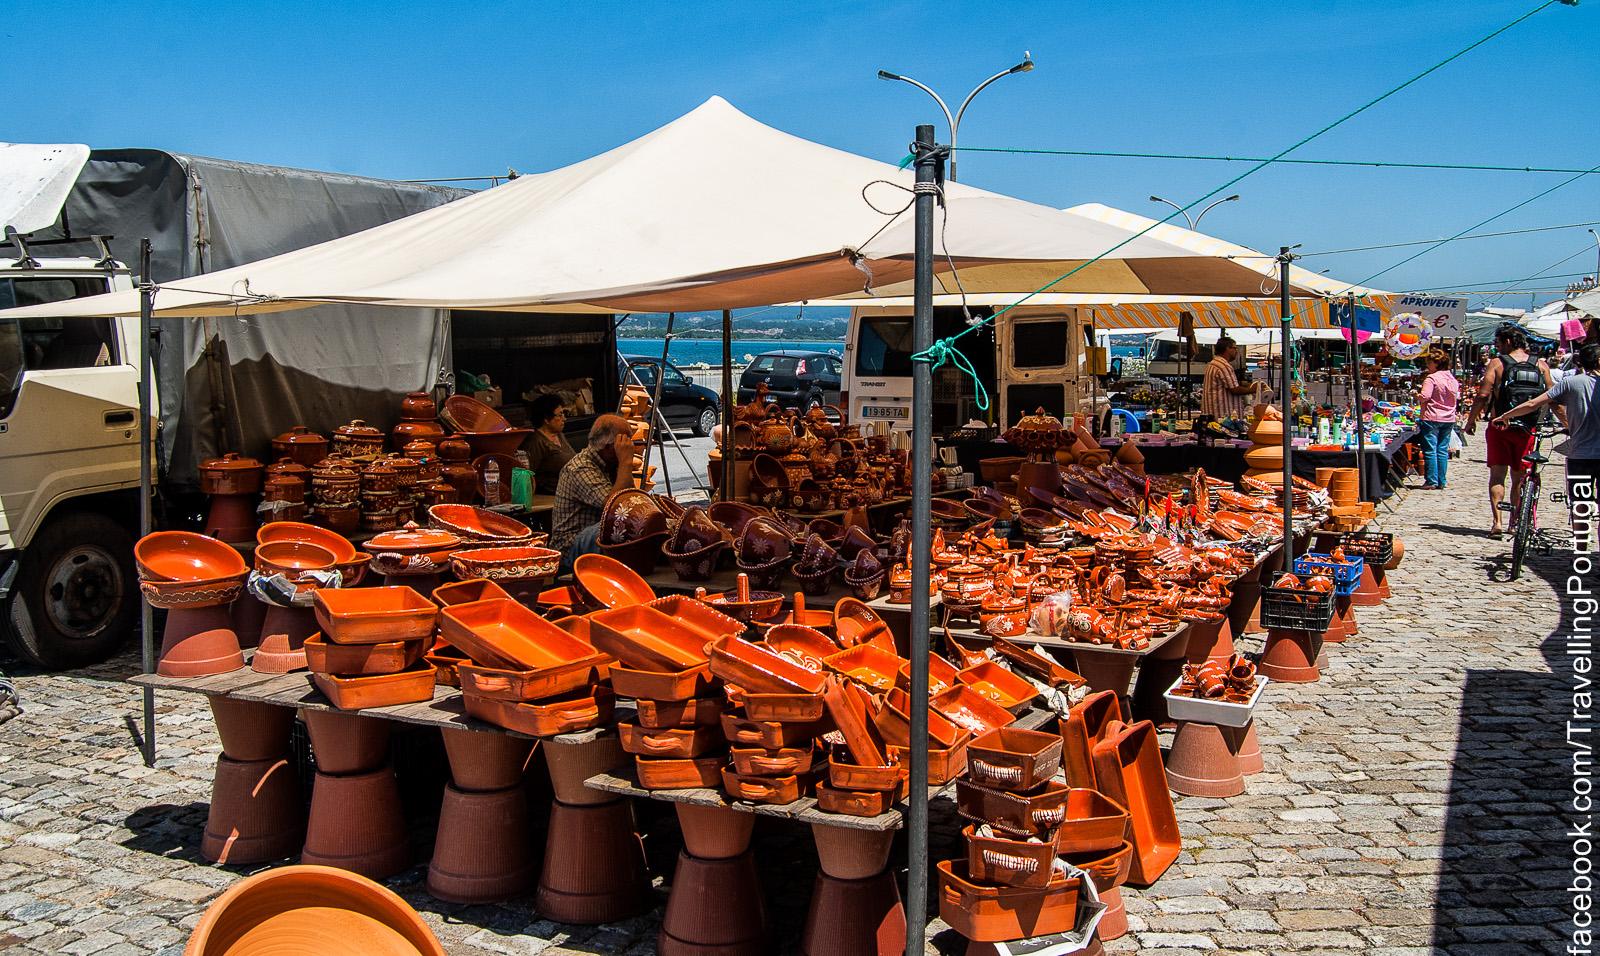 Compras en Chaves-Verín.Artesanía y gastronomía.